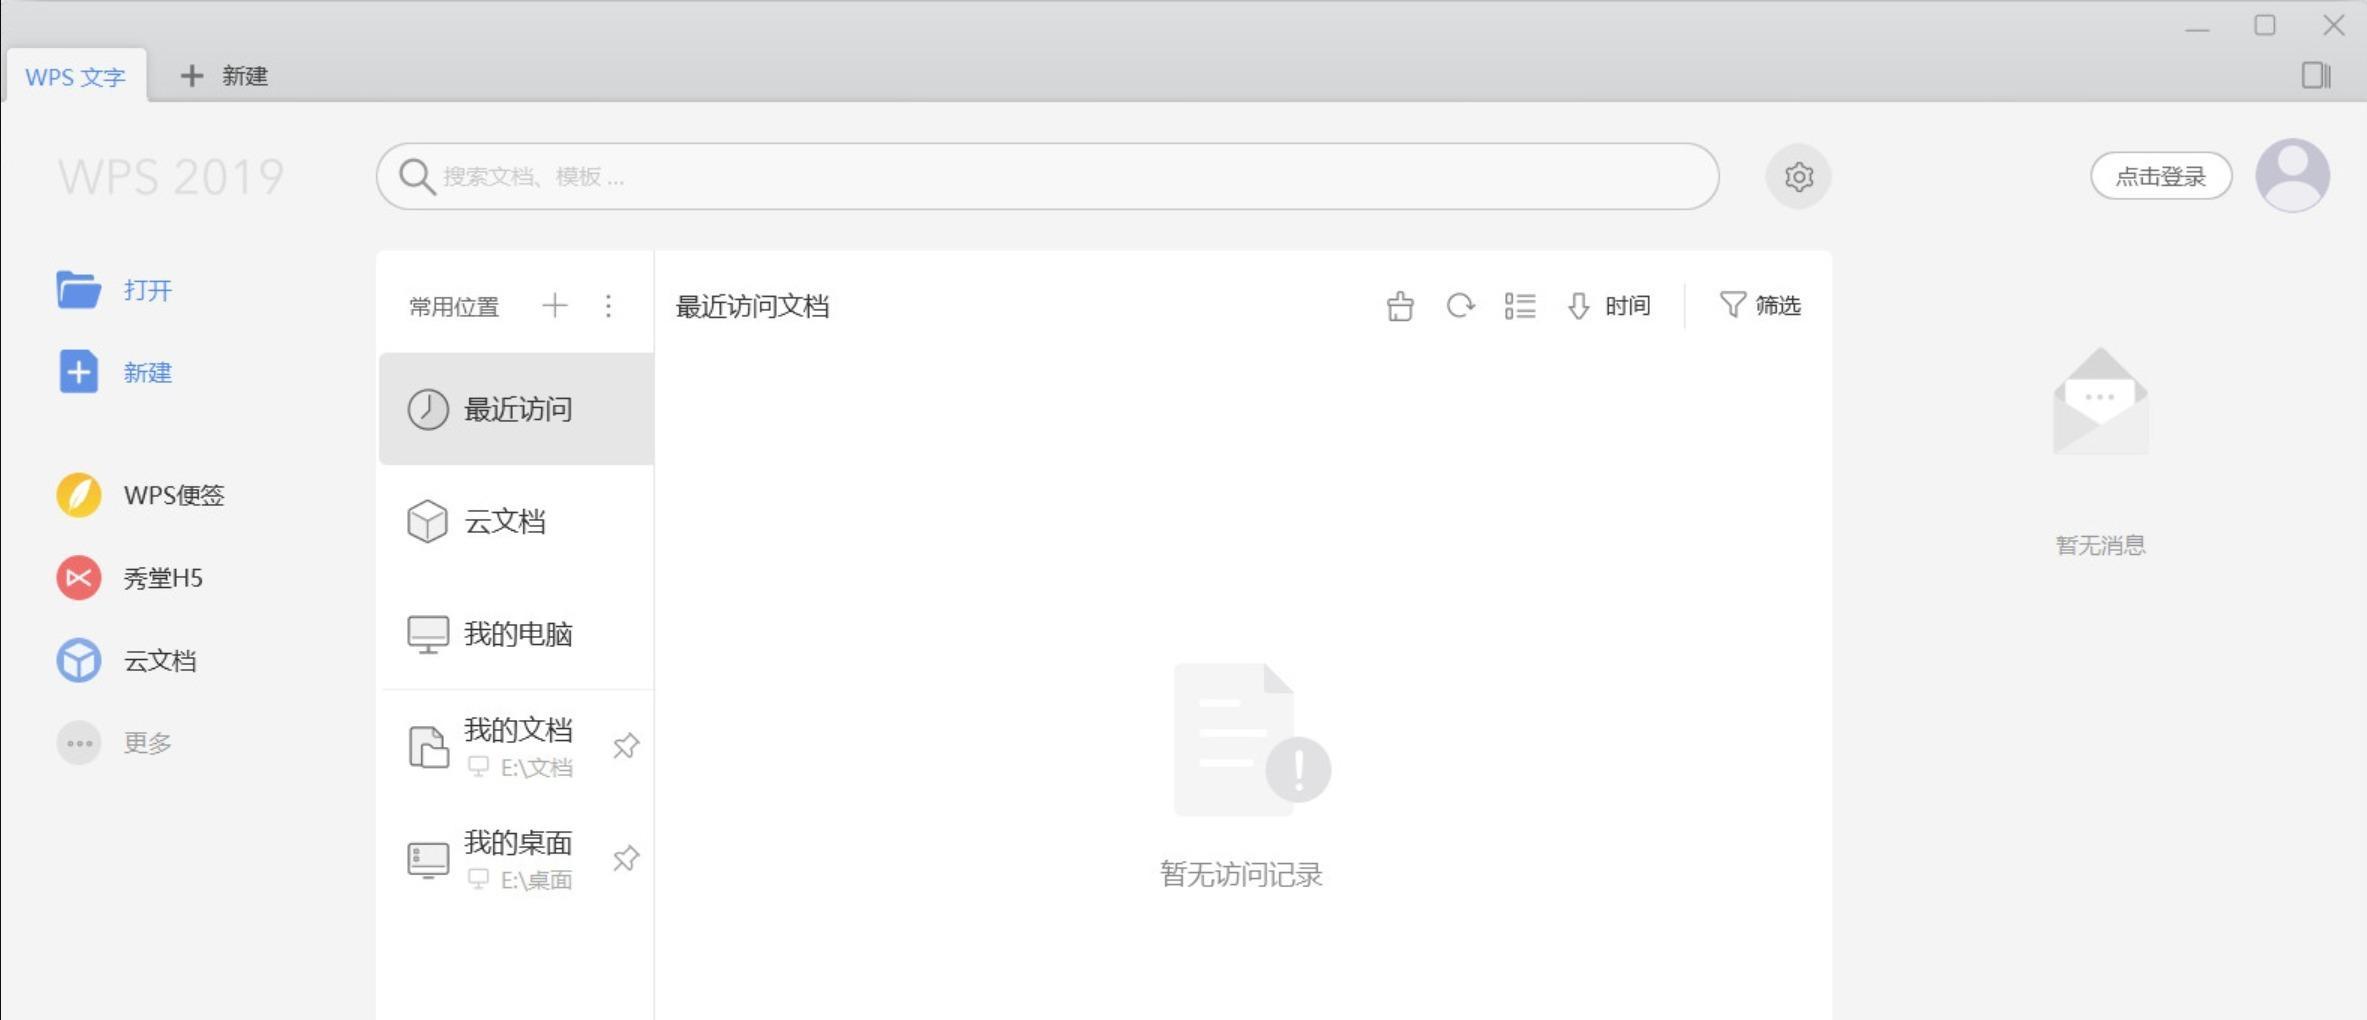 office办公软件WPS 政府版 下载链接提取版